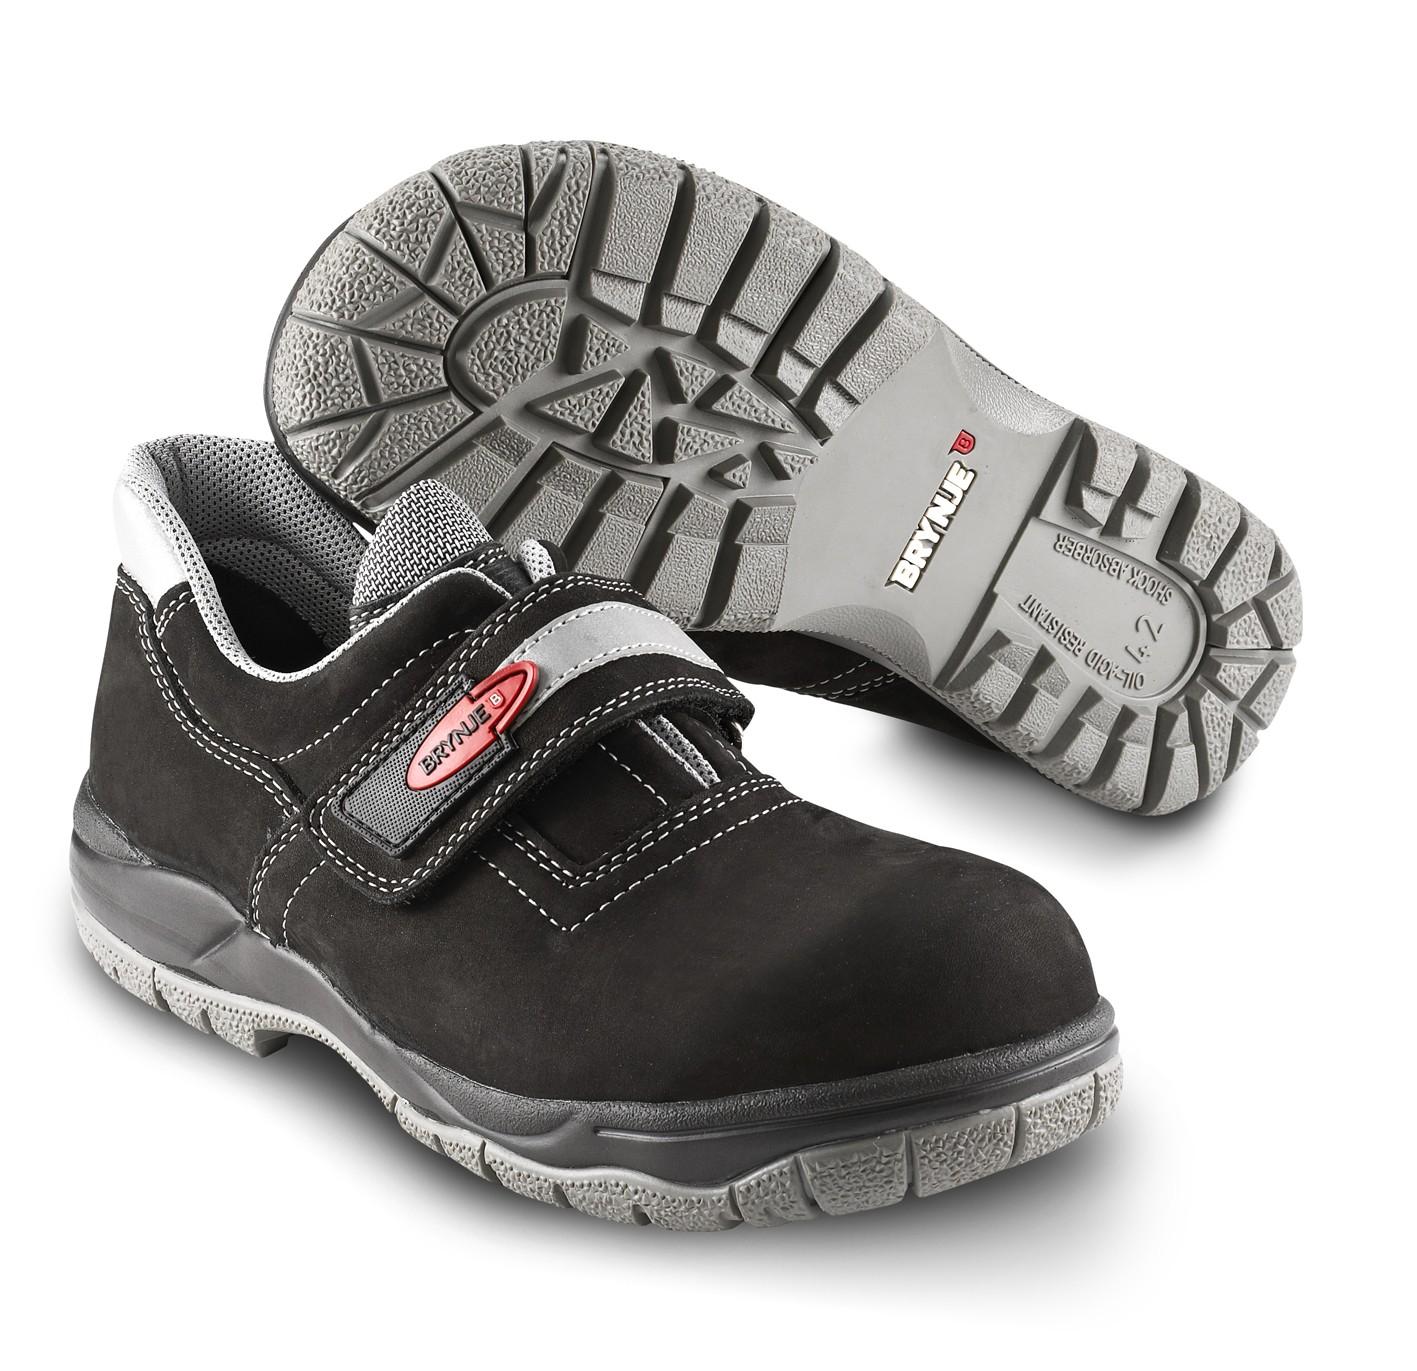 Sikkerheds fodtøj sko priser gode sikkerheds støvler til Køb og w7TB5q